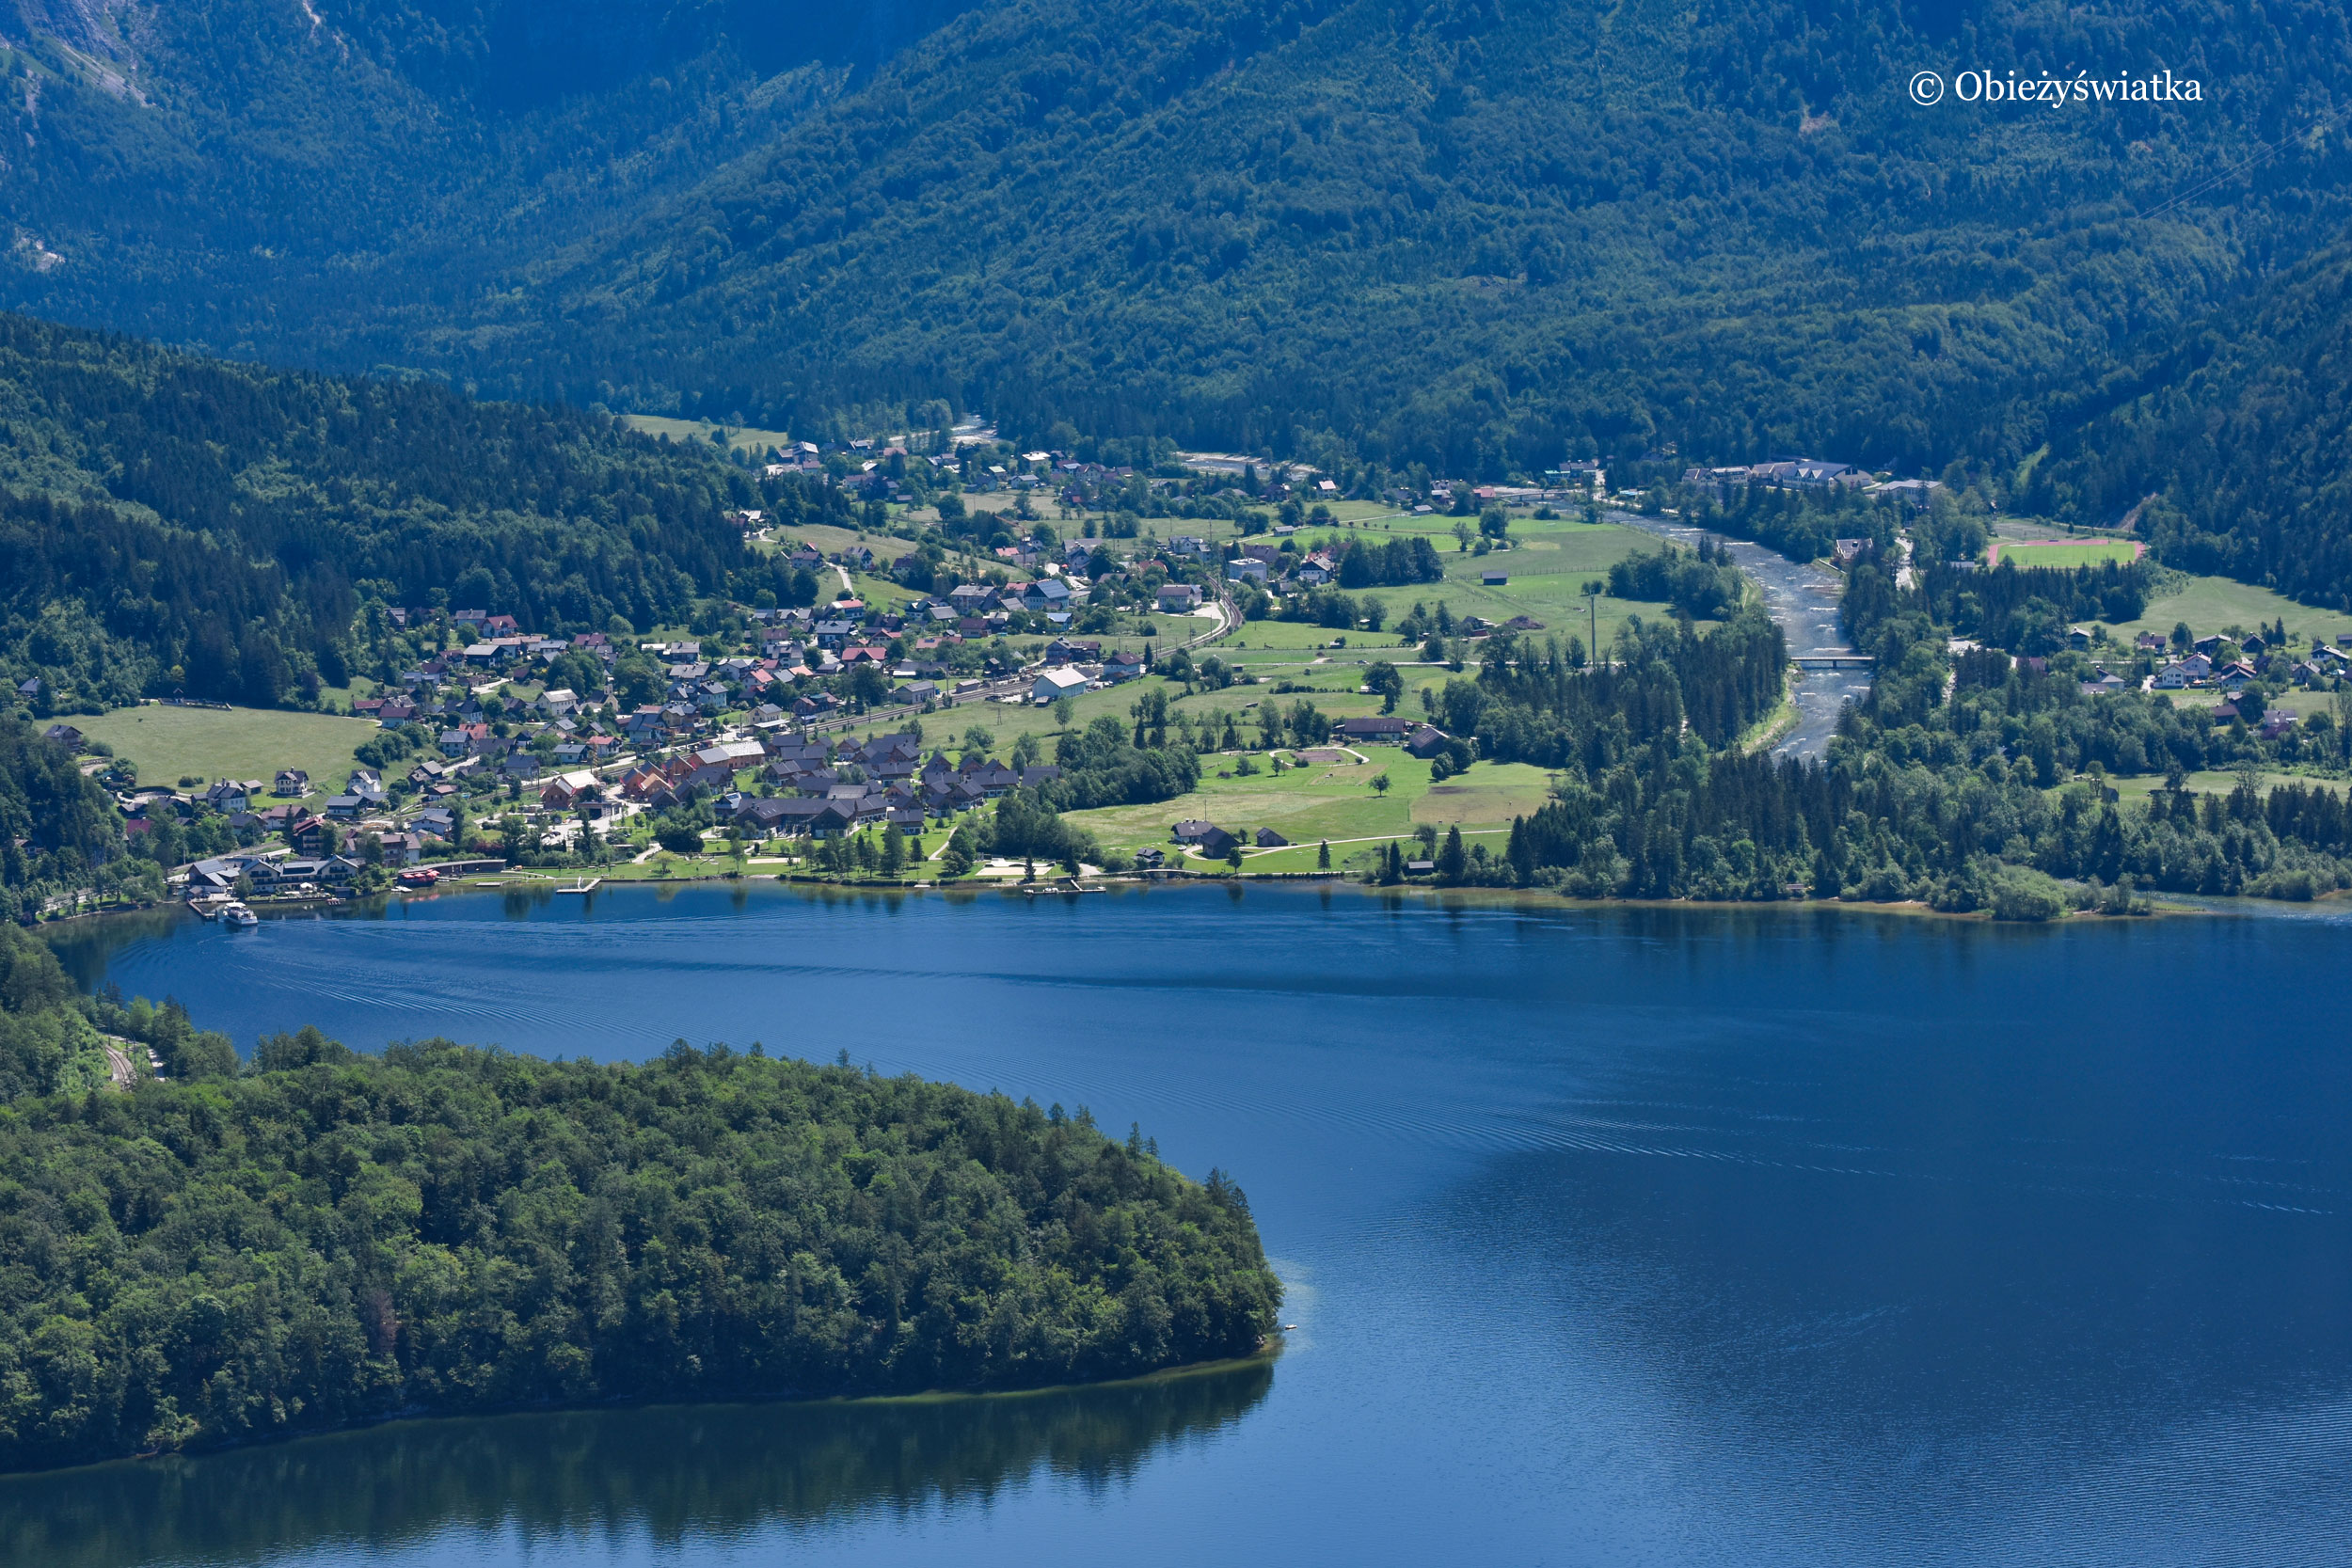 Jezioro Hallstatt